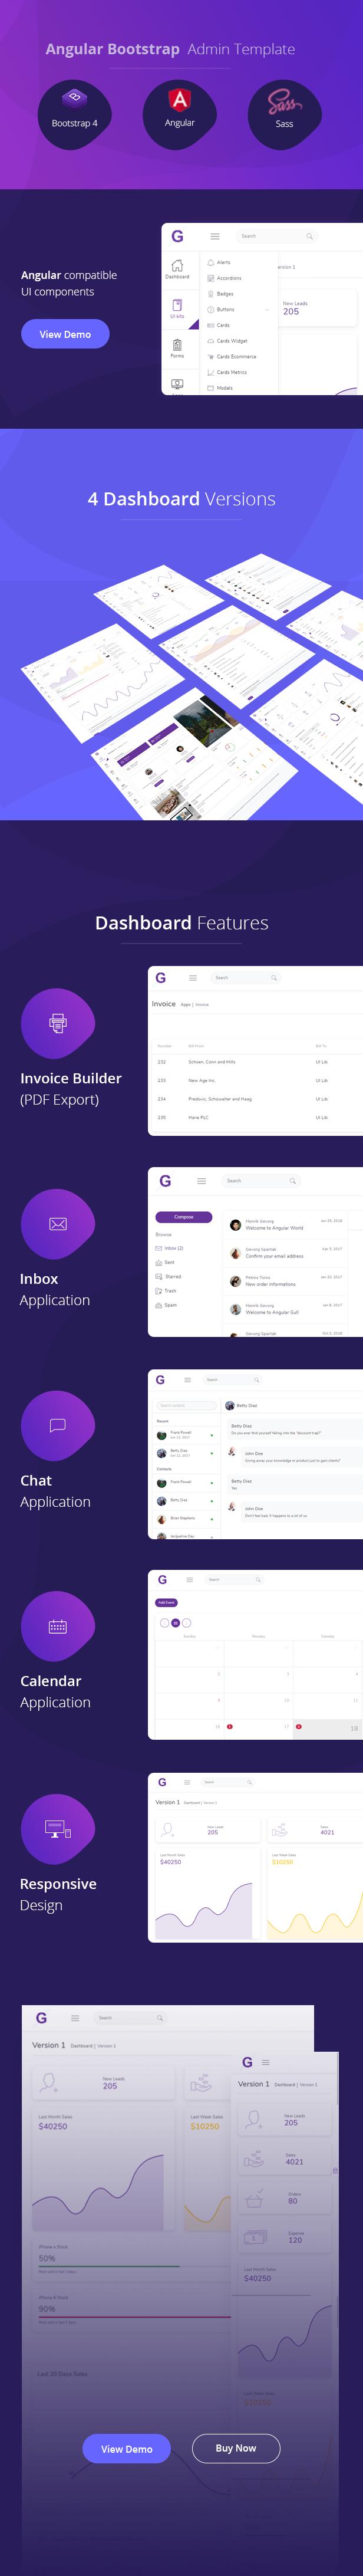 Gull - Angular 8+ Bootstrap 4 Admin Dashboard Template by mh_rafi